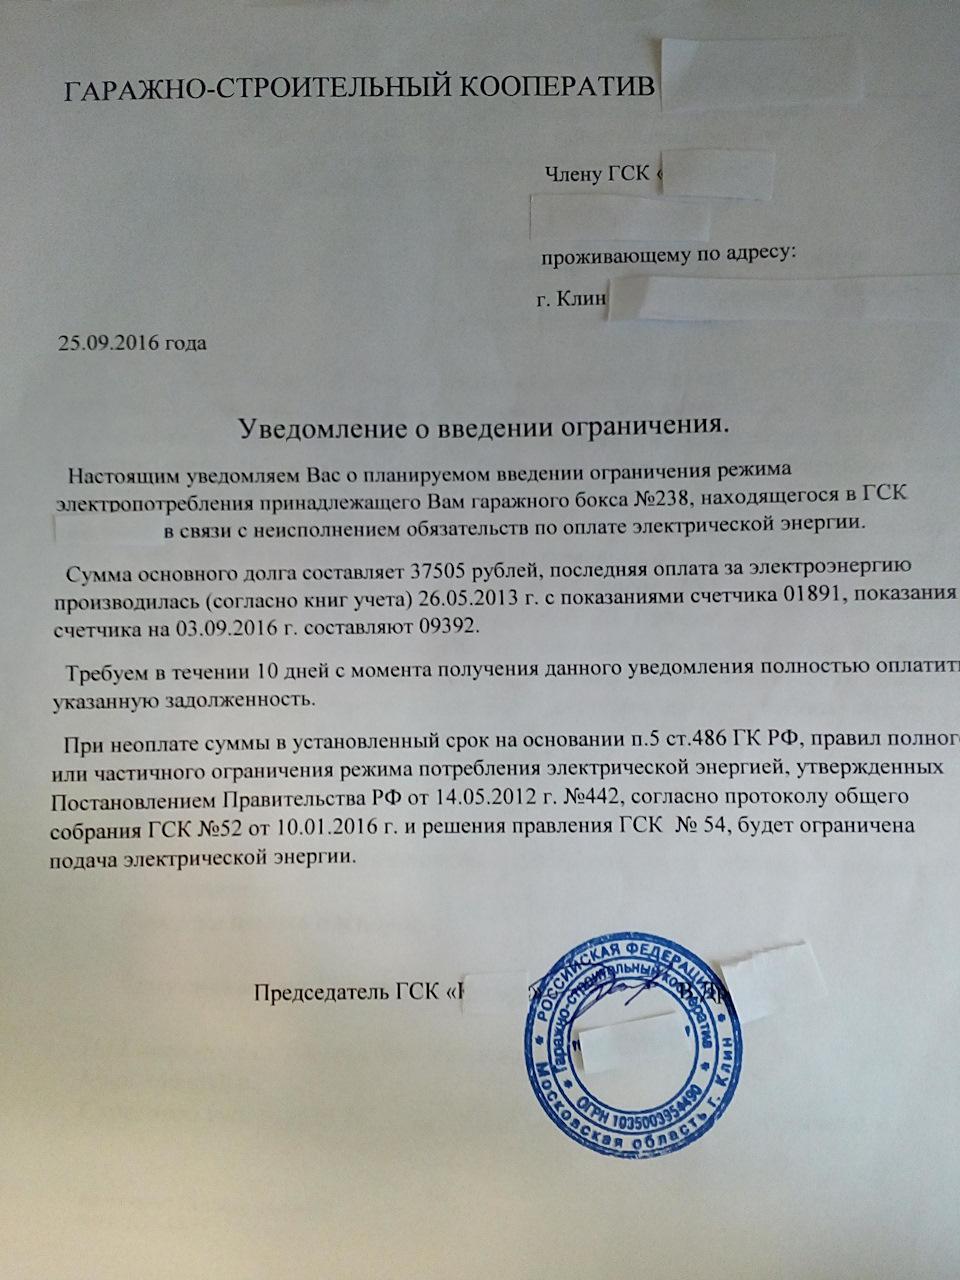 Санкции за неисполнение обязательств по оплате электроэнергии